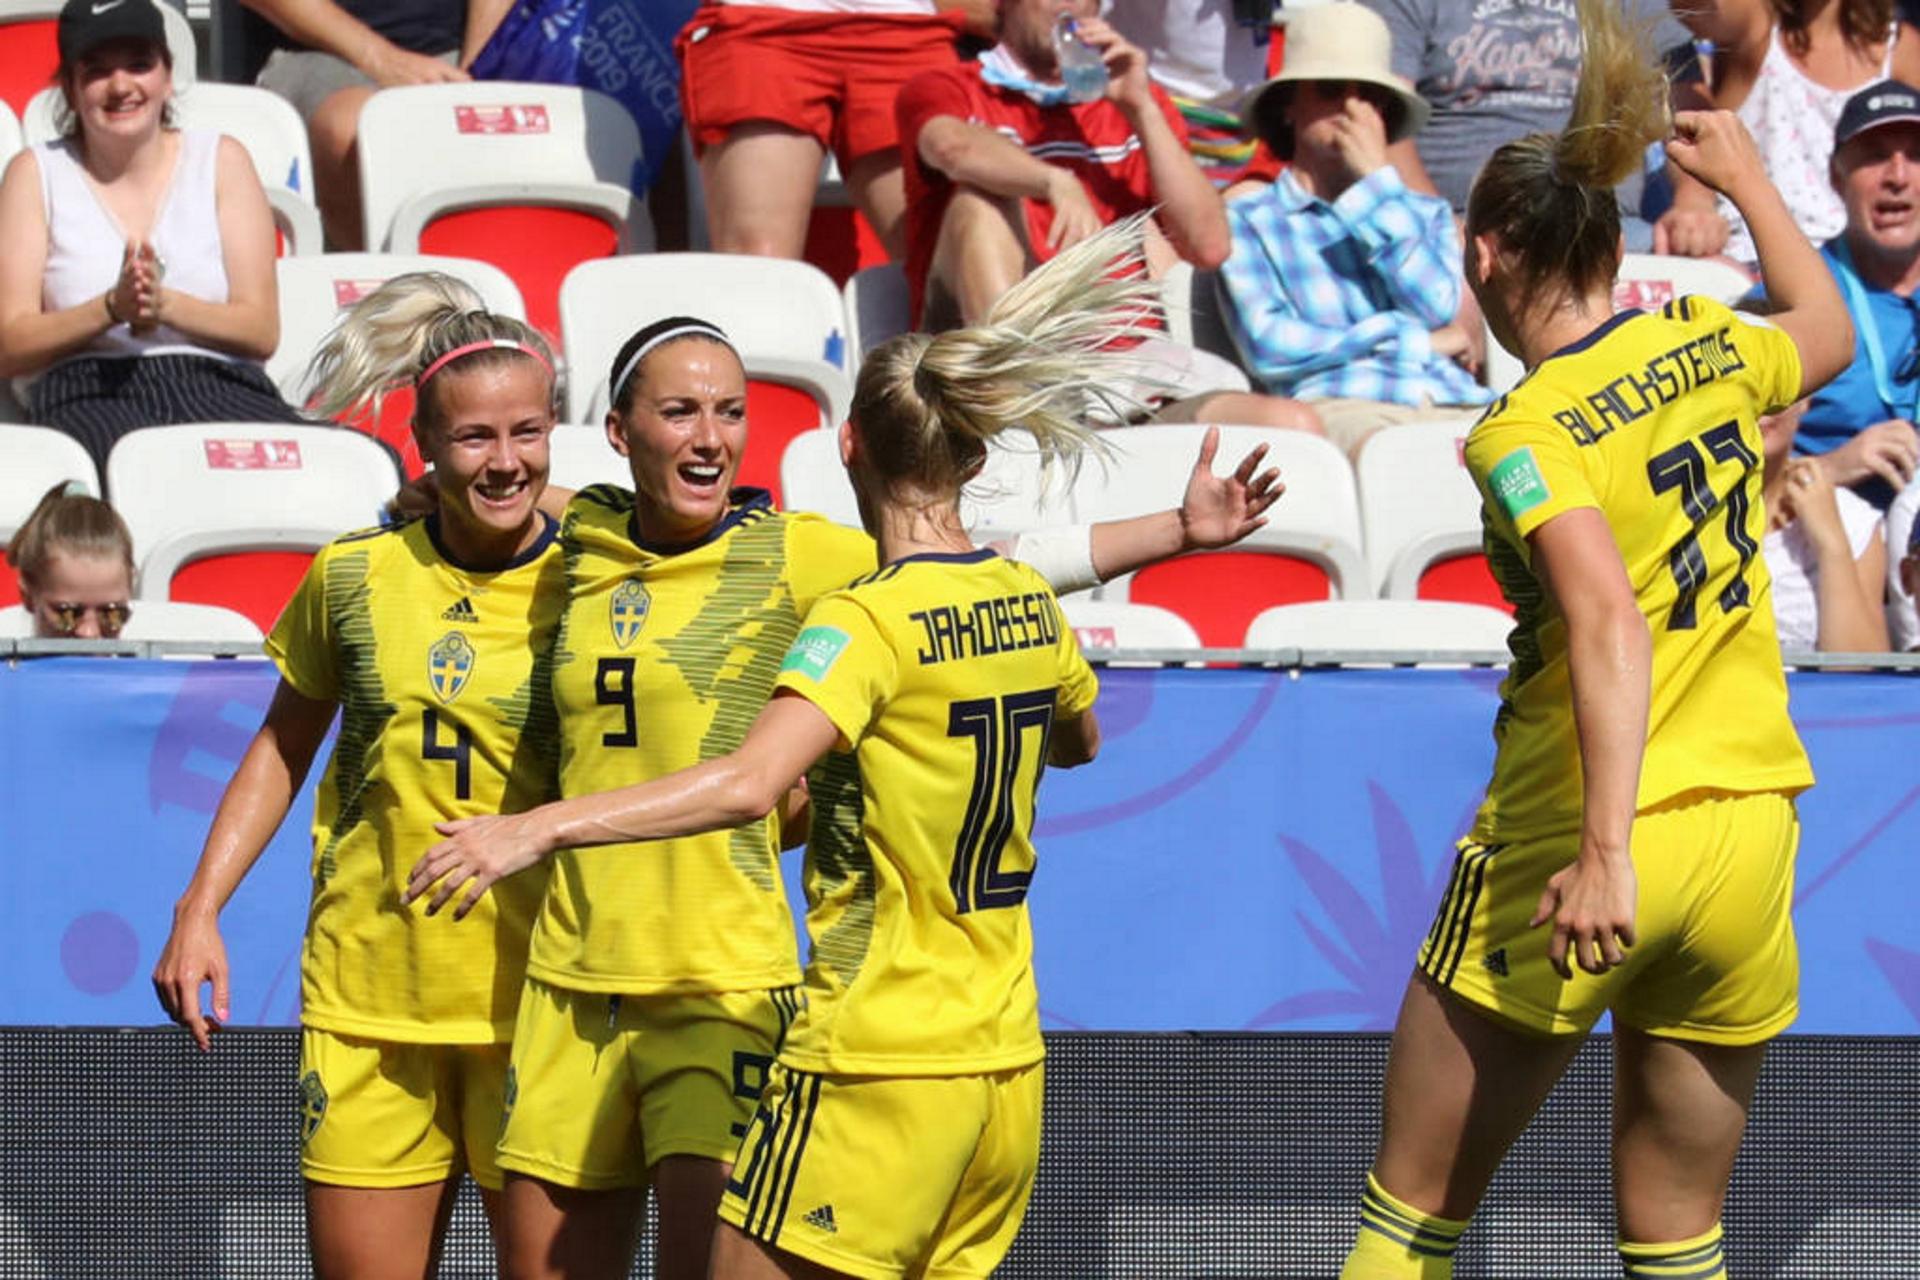 Suécia conquista o 3º lugar da Copa do Mundo Feminina de Futebol